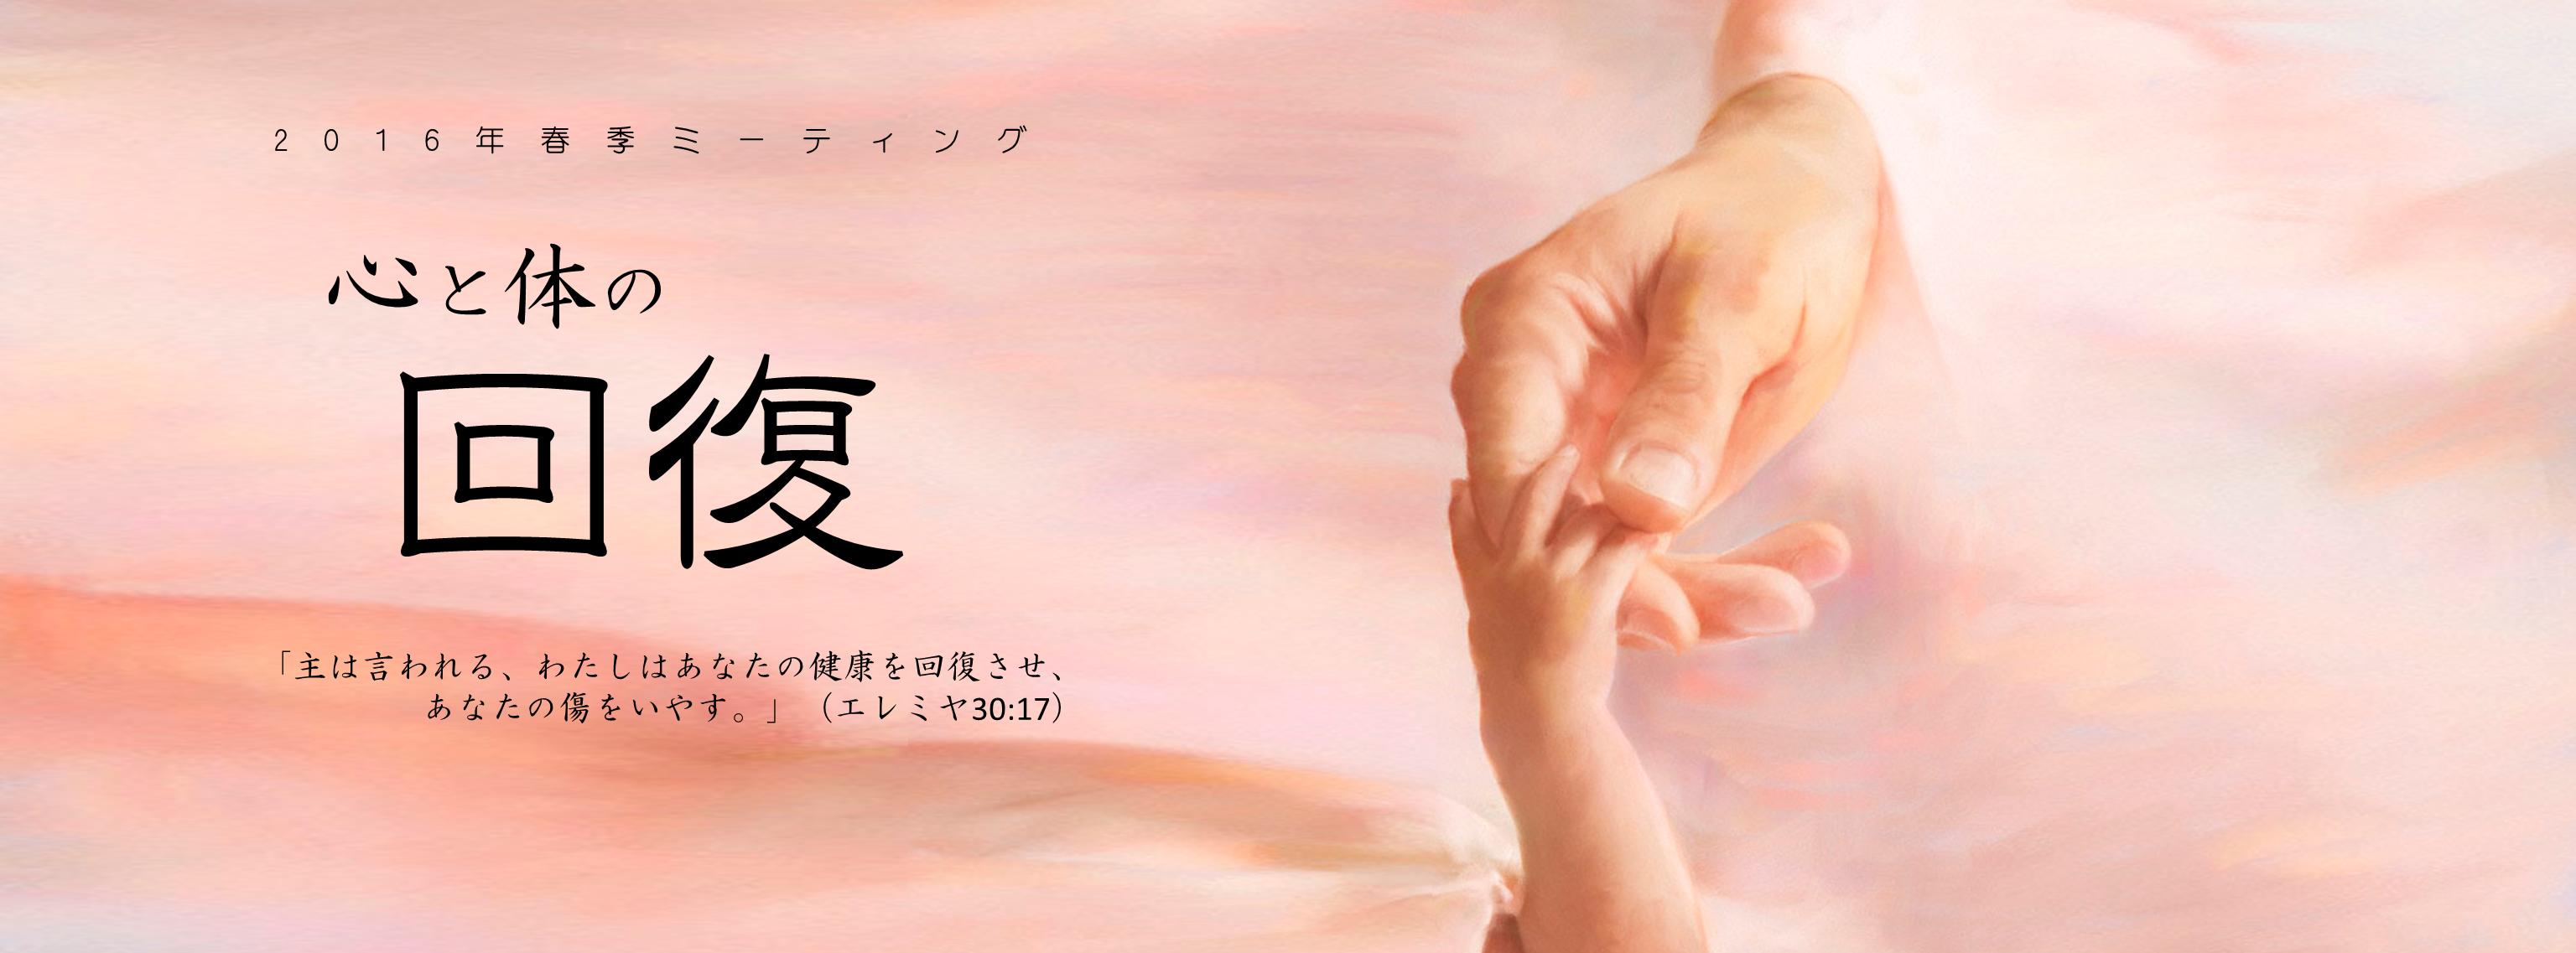 2016年春季ミーティング website cover